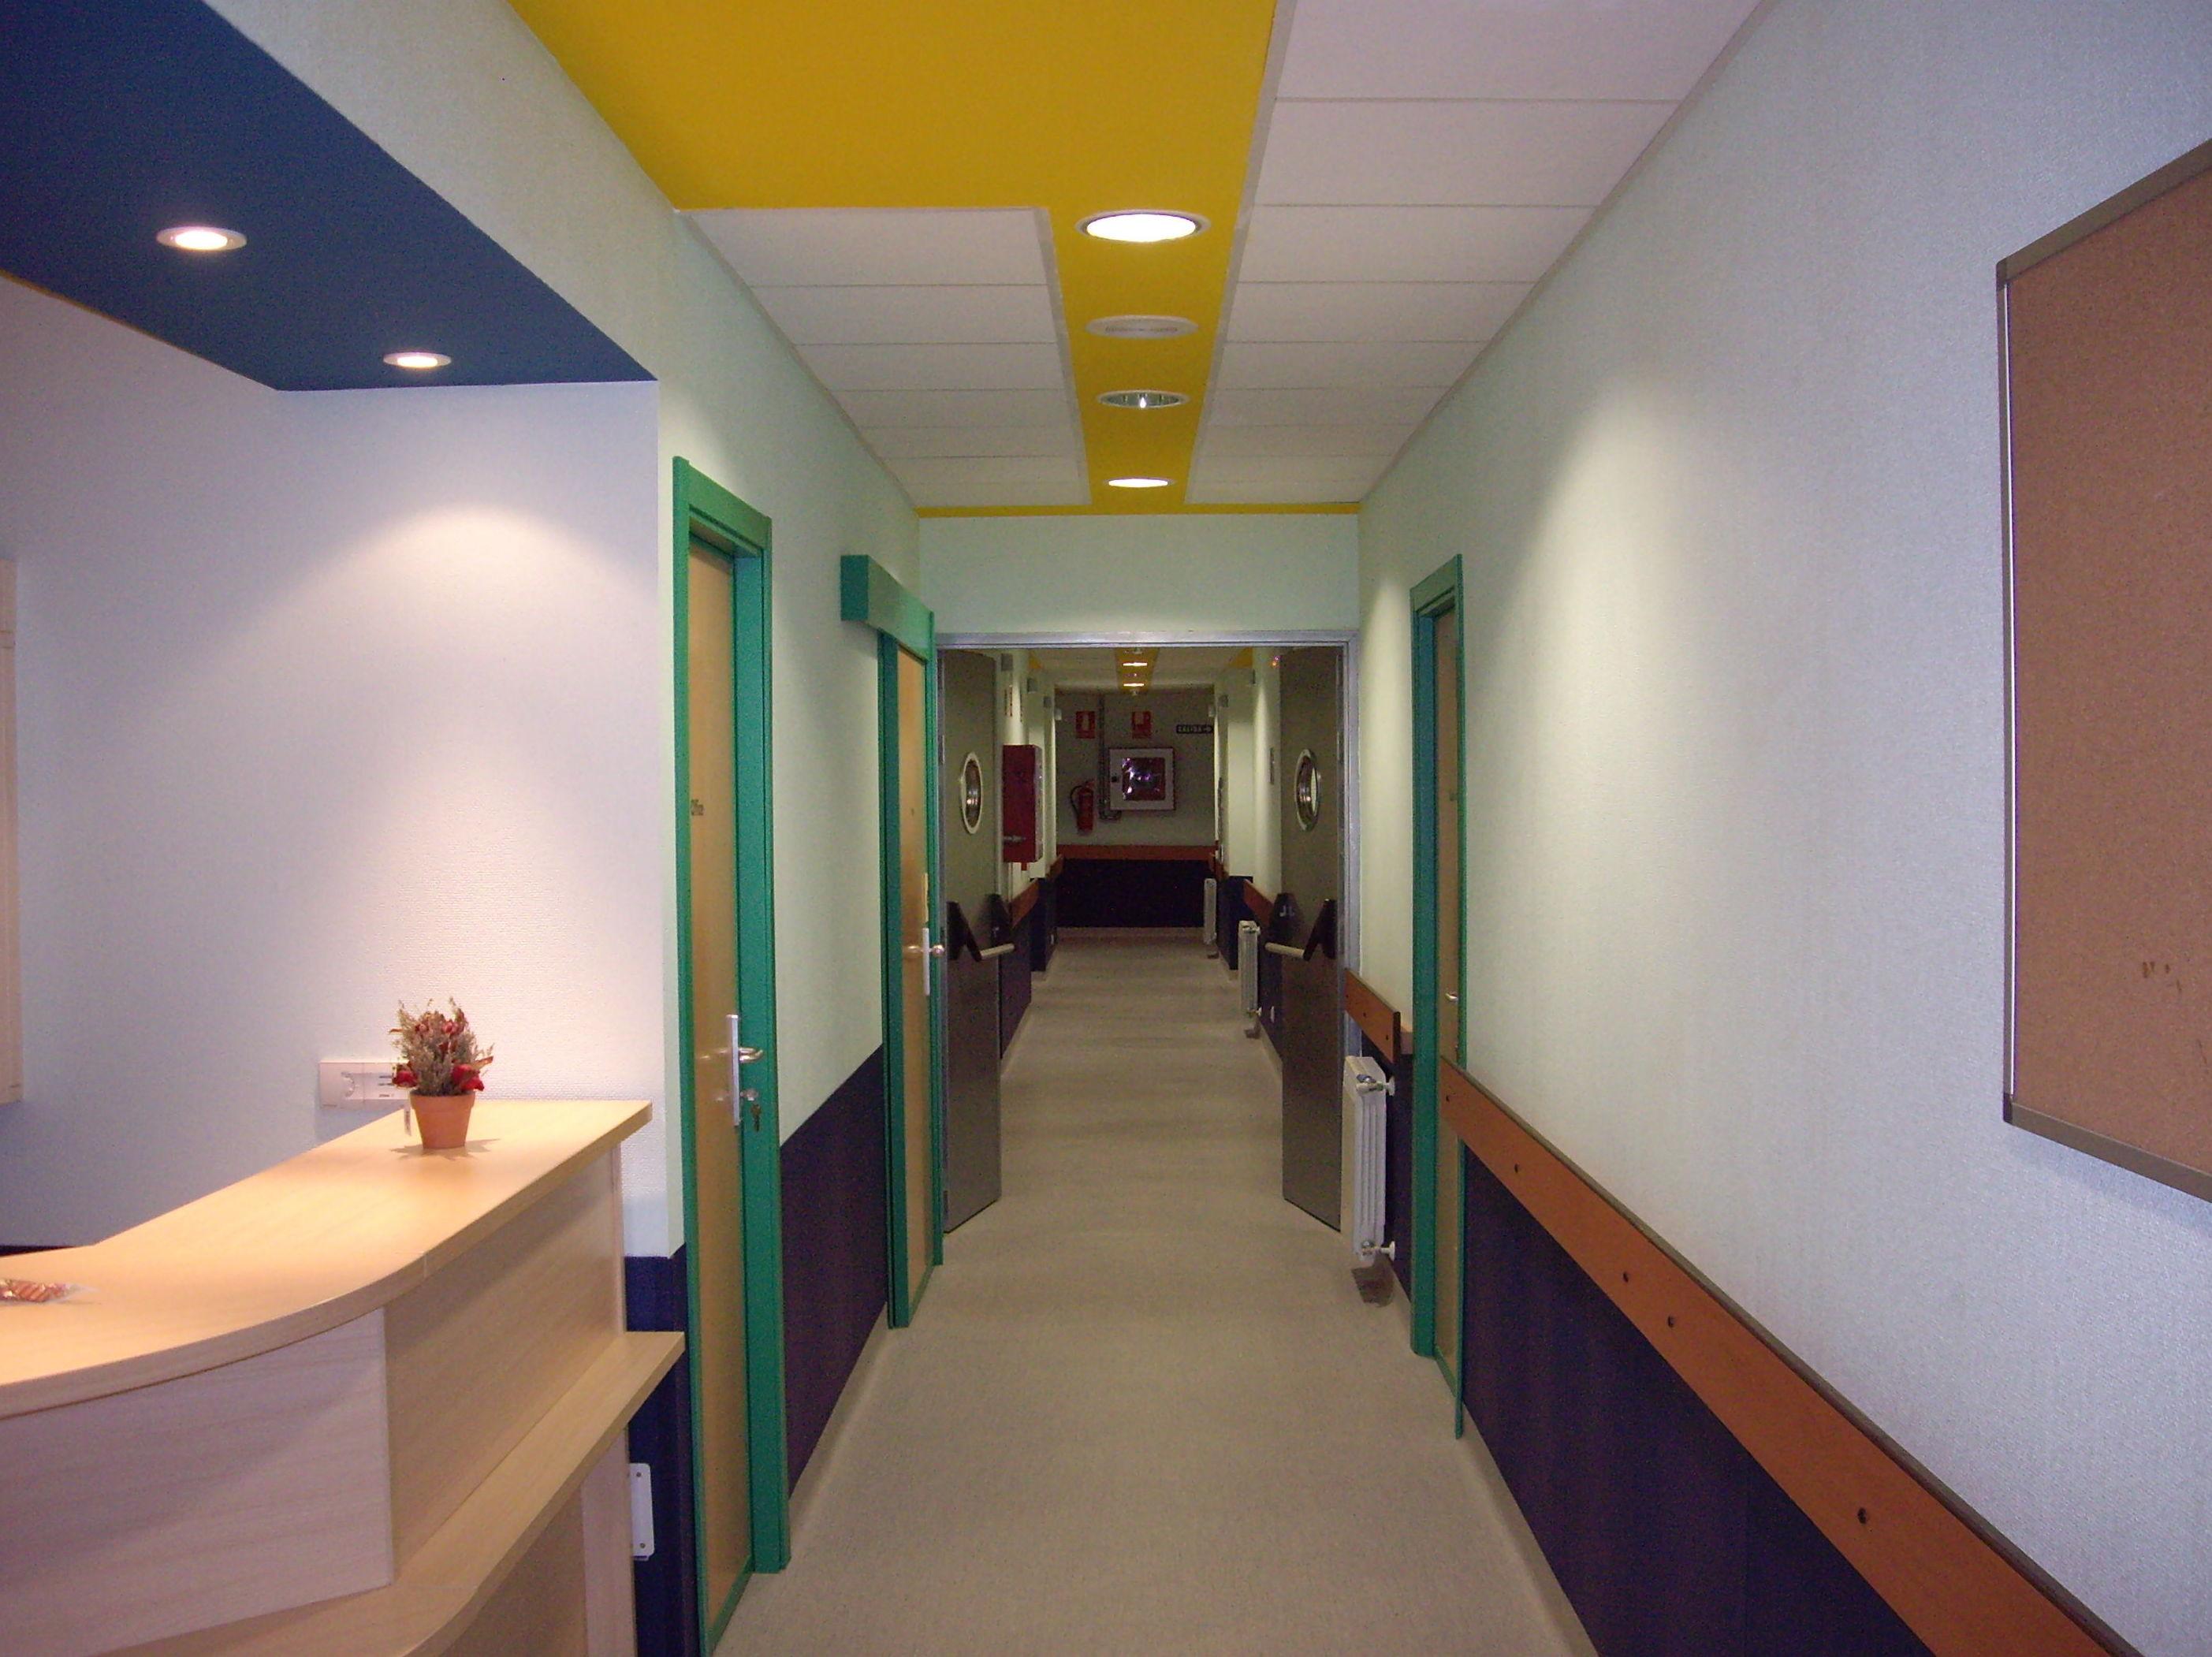 Mantenimiento de instalaciones de residencias